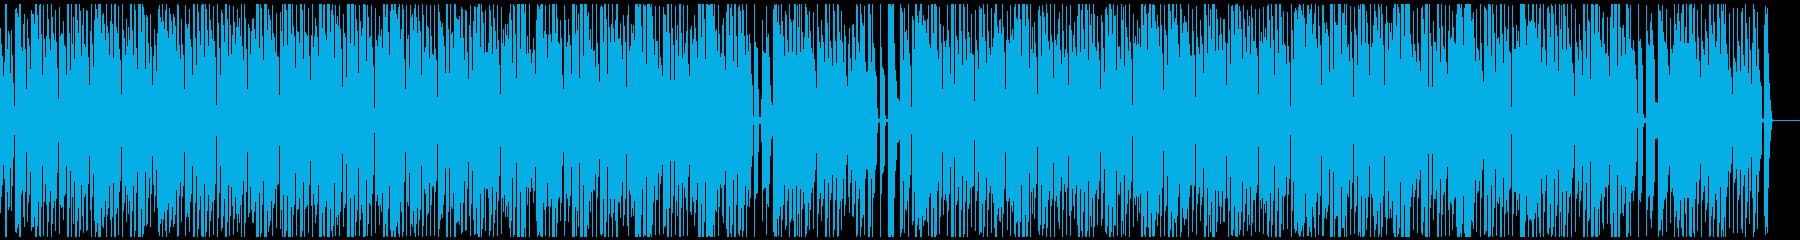 ピラミッド・ダンジョン・迷路の再生済みの波形